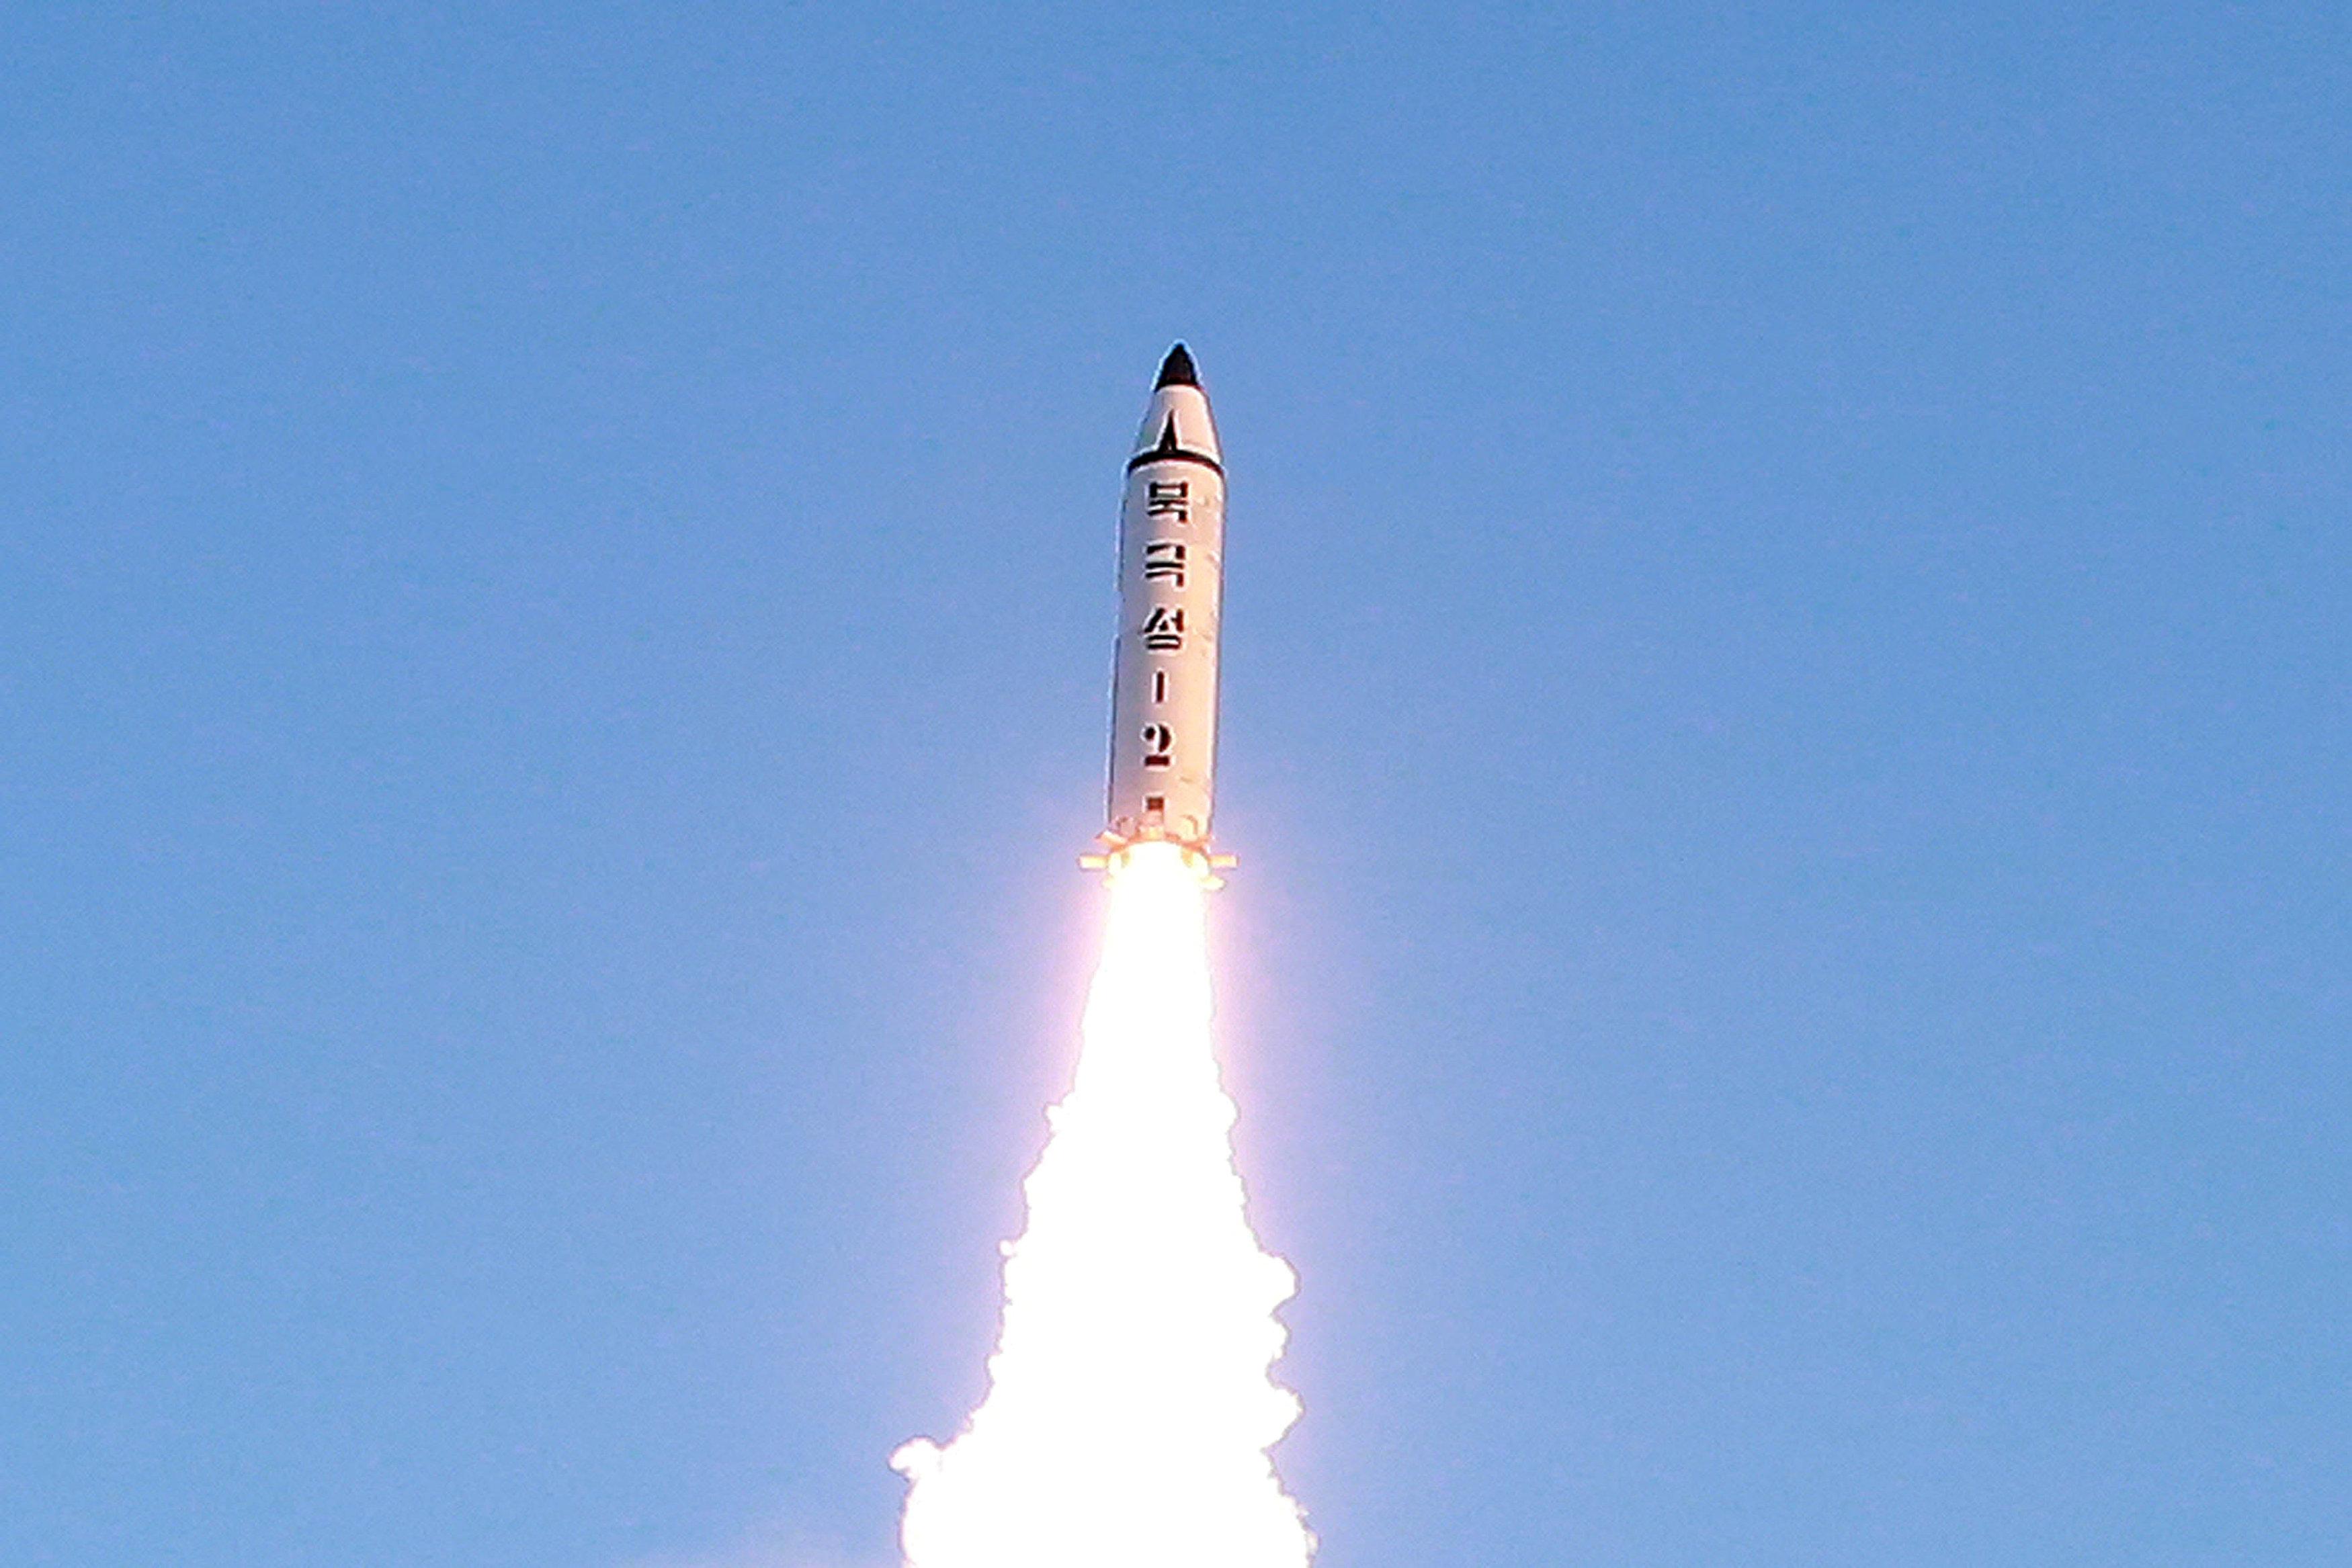 El último ensayo nuclear de Corea del Norte encendió las alarmas de la comunidad internacional